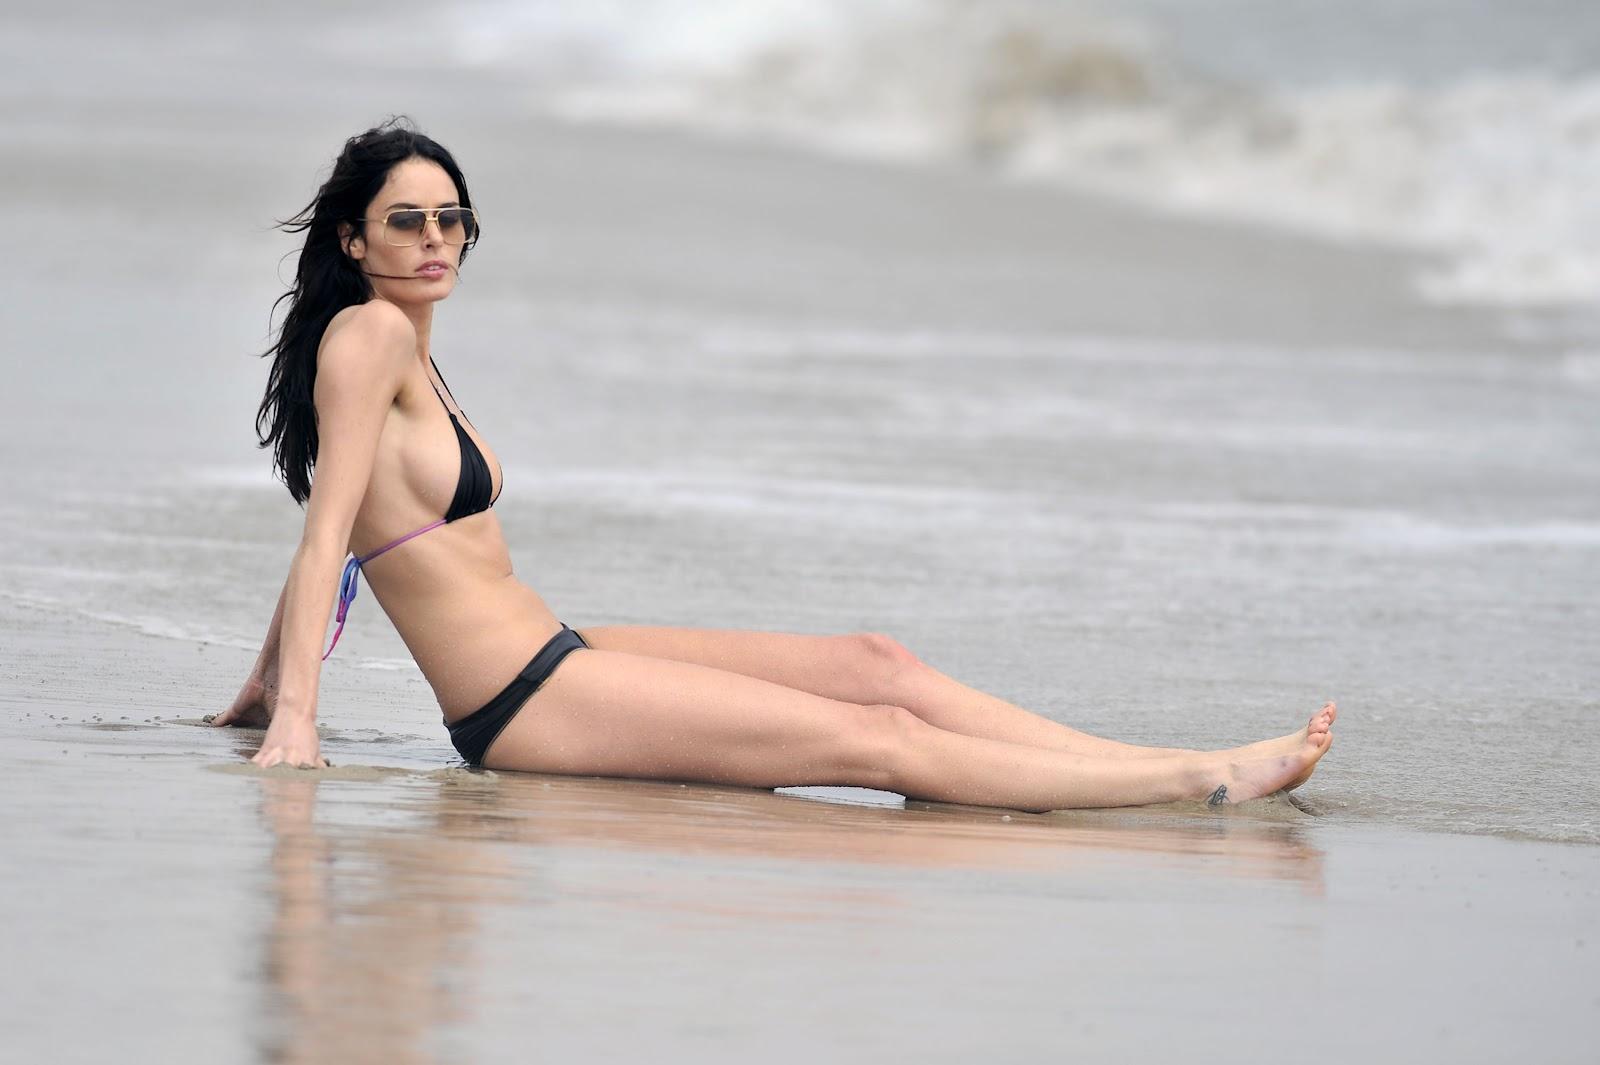 Hot Nicole Trunfio nude photos 2019